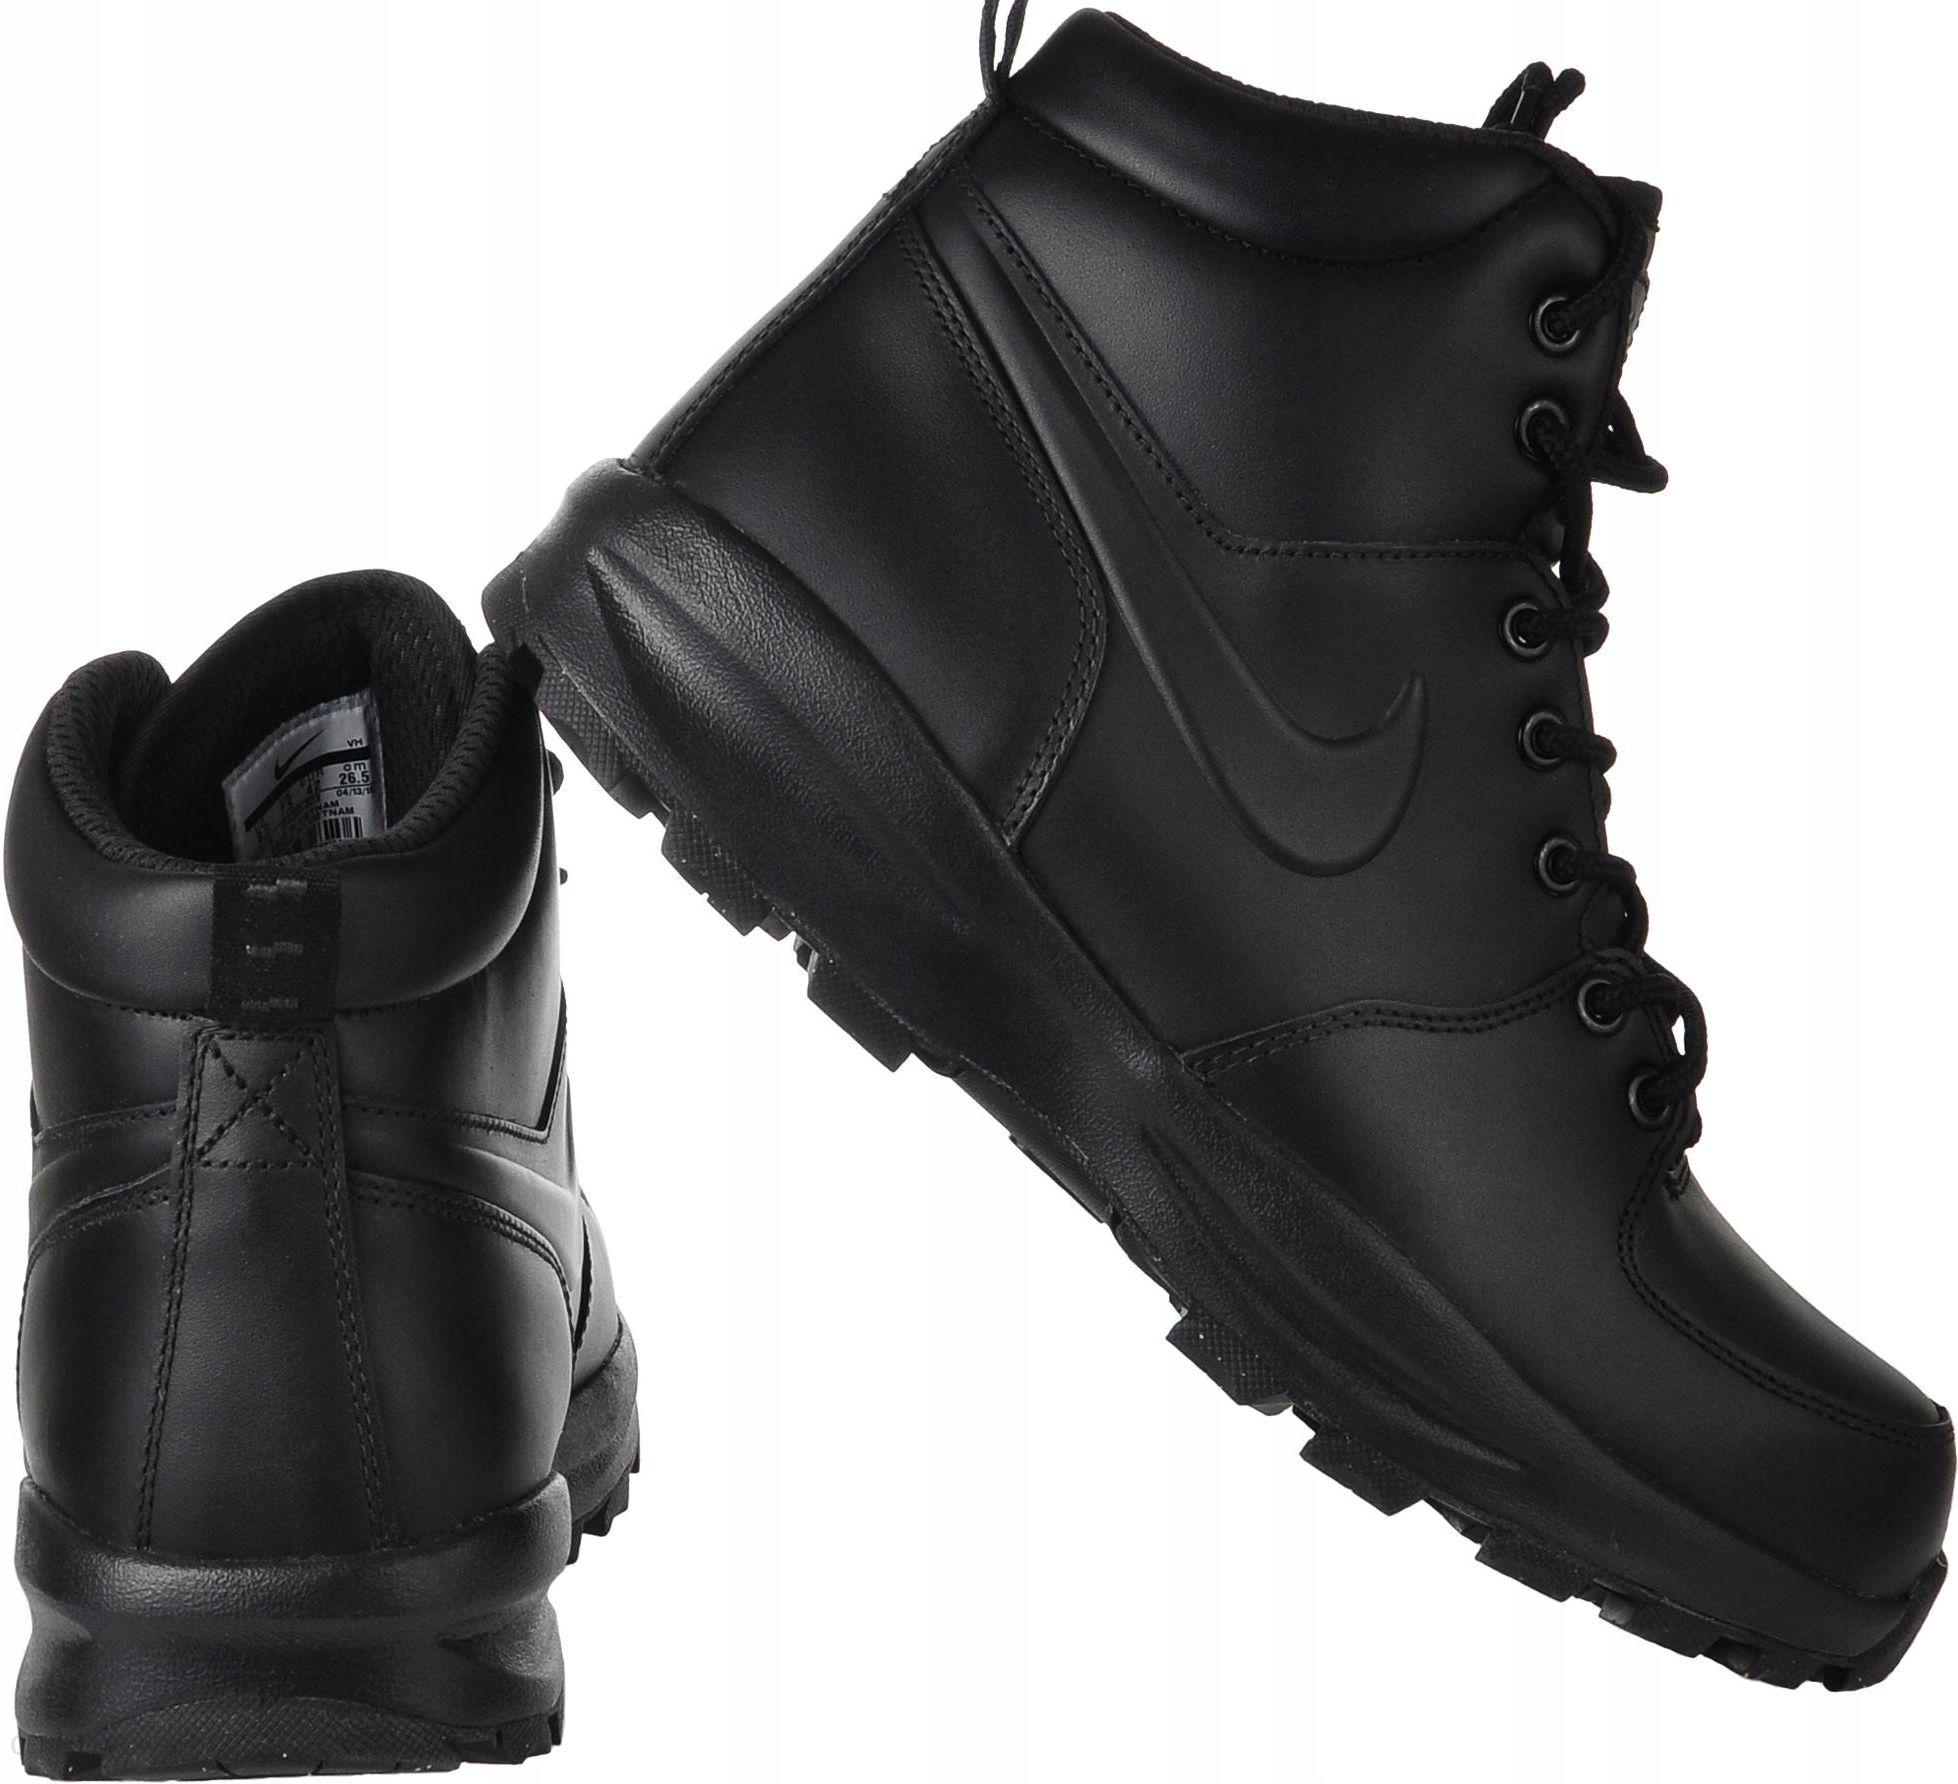 gorące produkty nowa wysoka jakość oficjalne zdjęcia Buty Zimowe Męskie Nike Manoa Leather r.43 - Ceny i opinie - Ceneo.pl